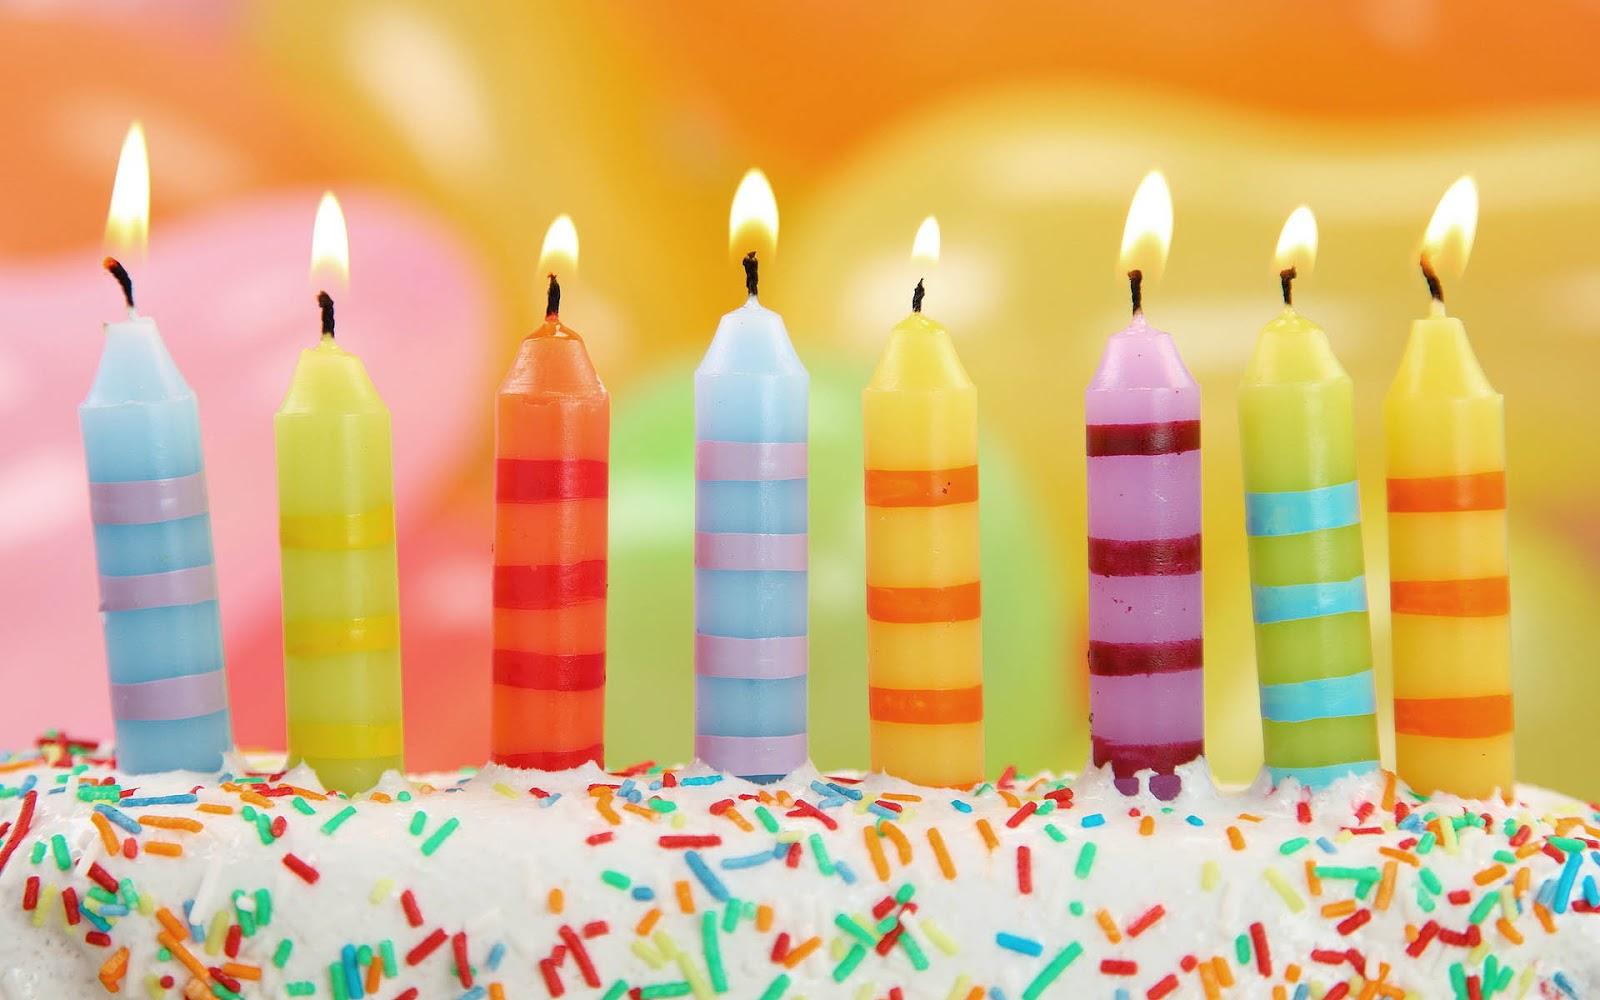 brandende-kaarsjes-op-een-verjaardagstaart-hd-verjaardag-achtergrond